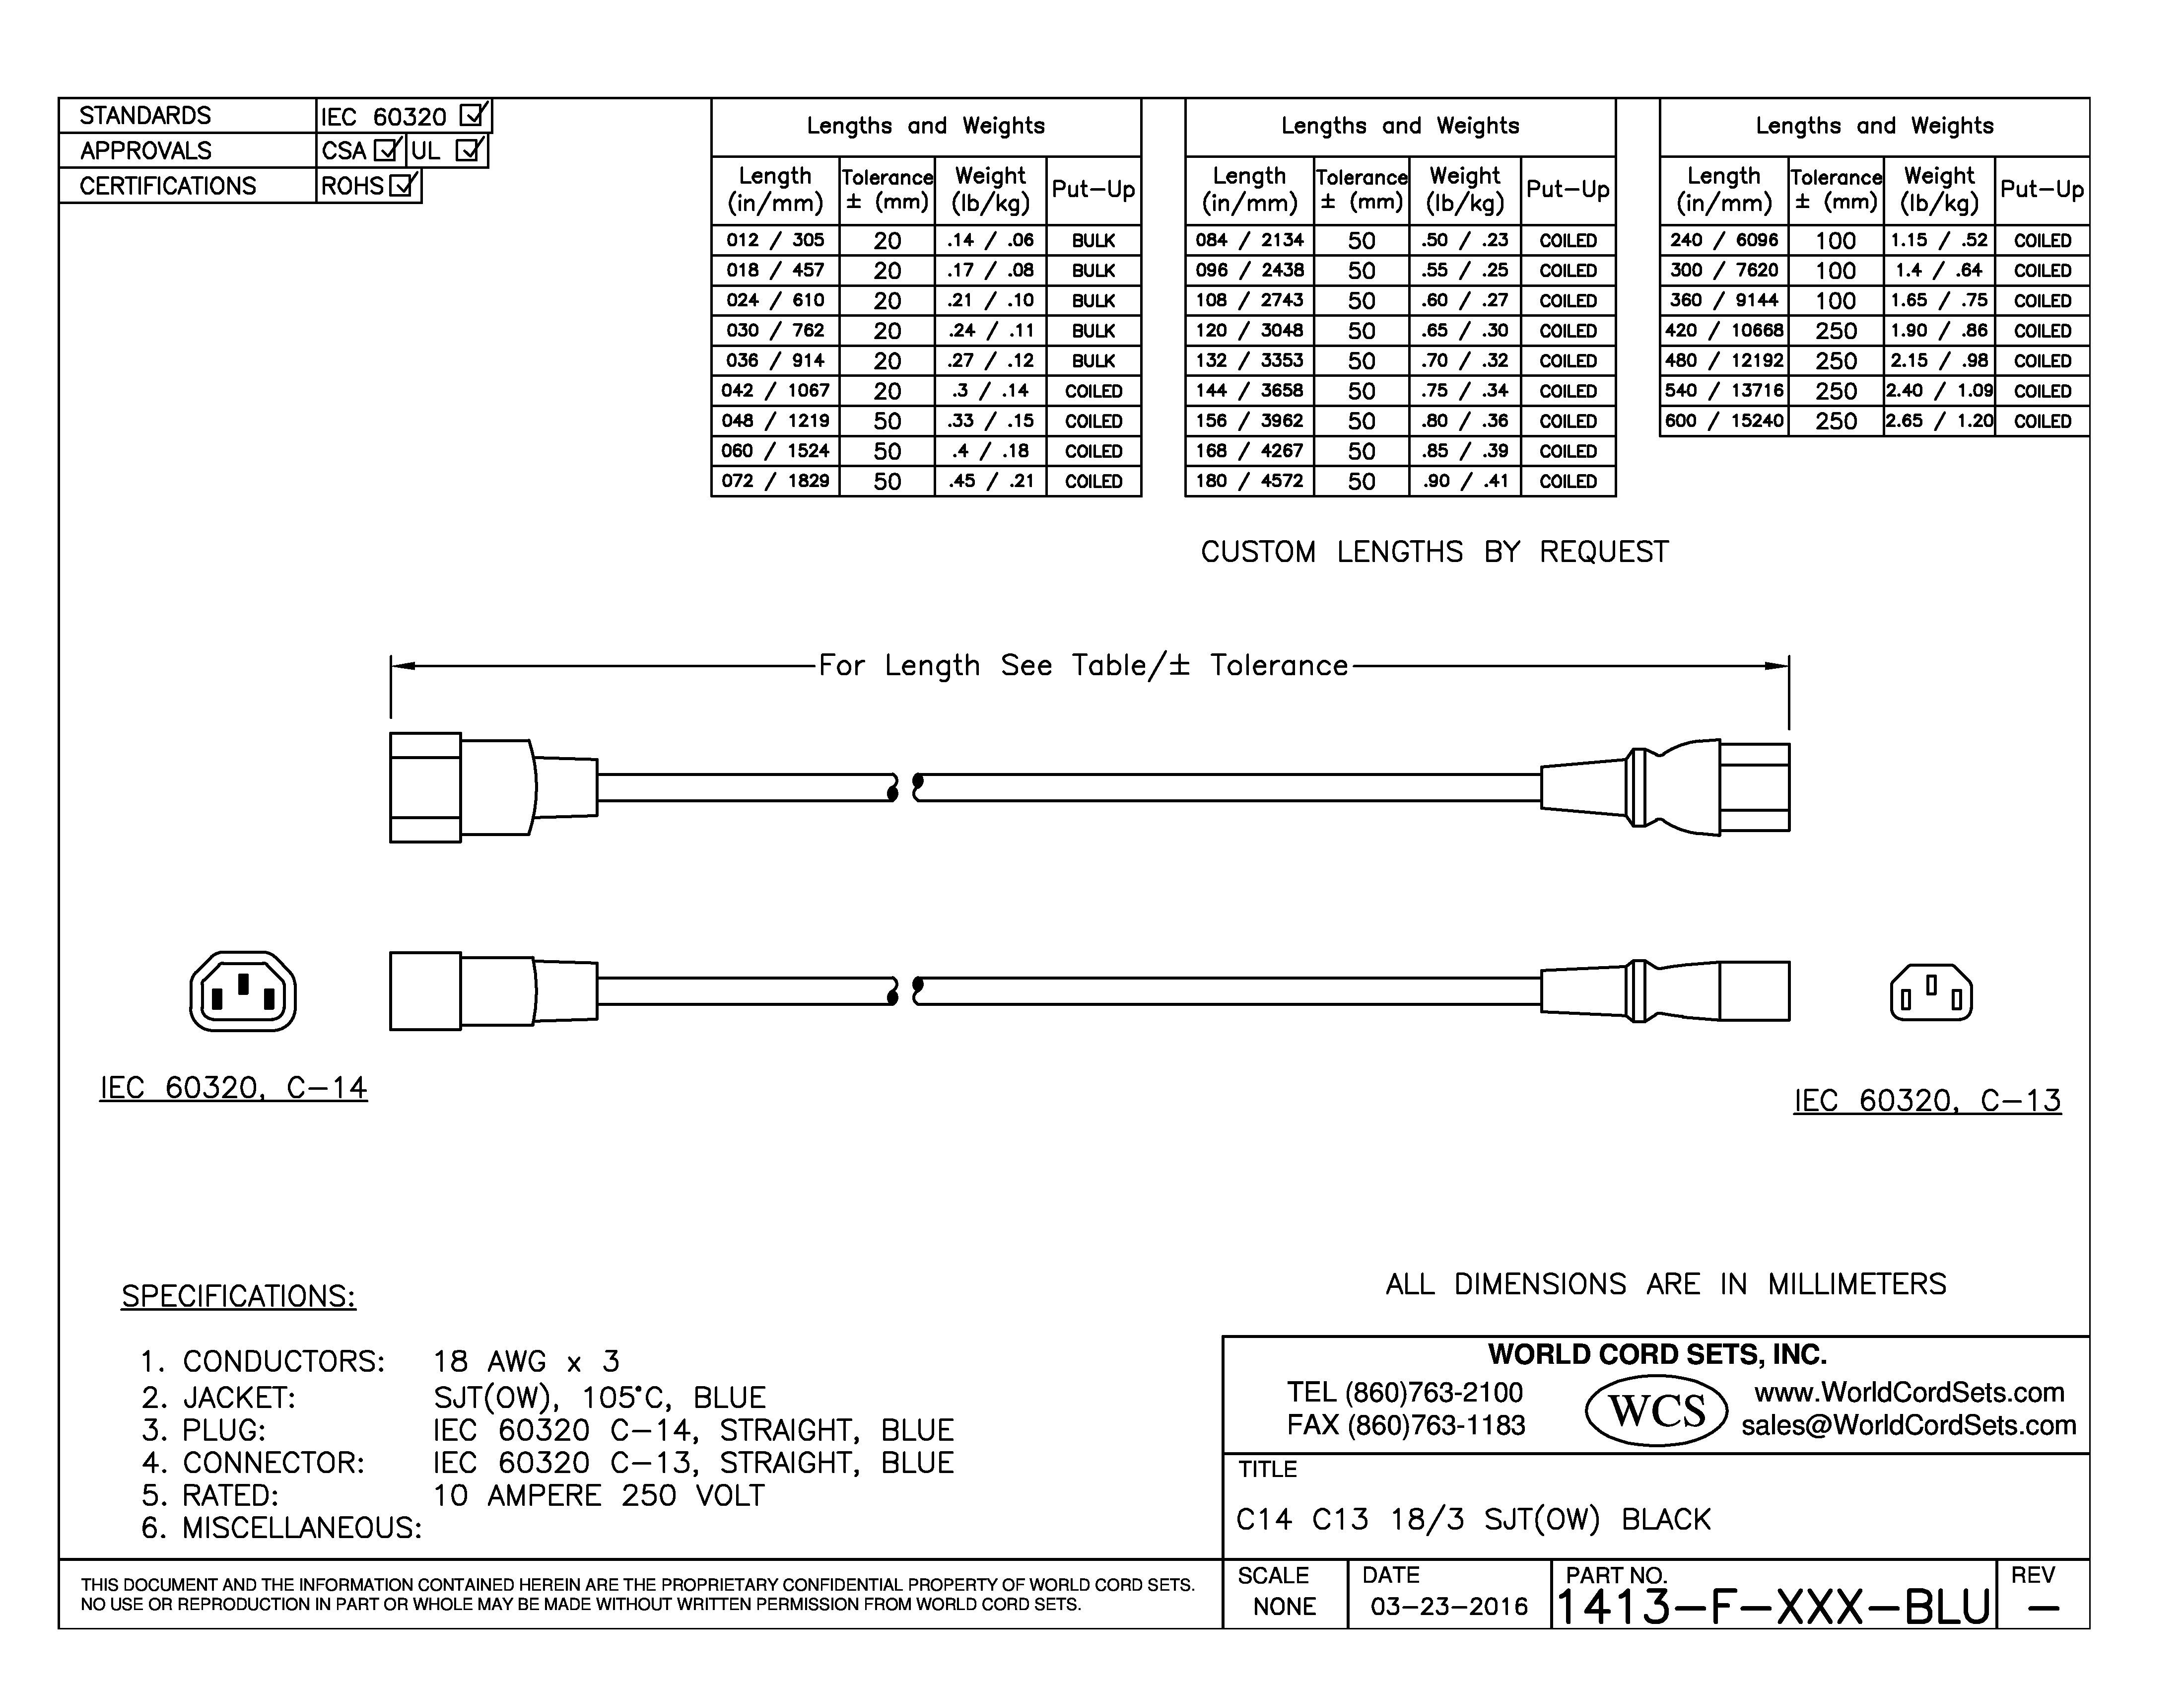 1413-F-XXX-BLU.pdf